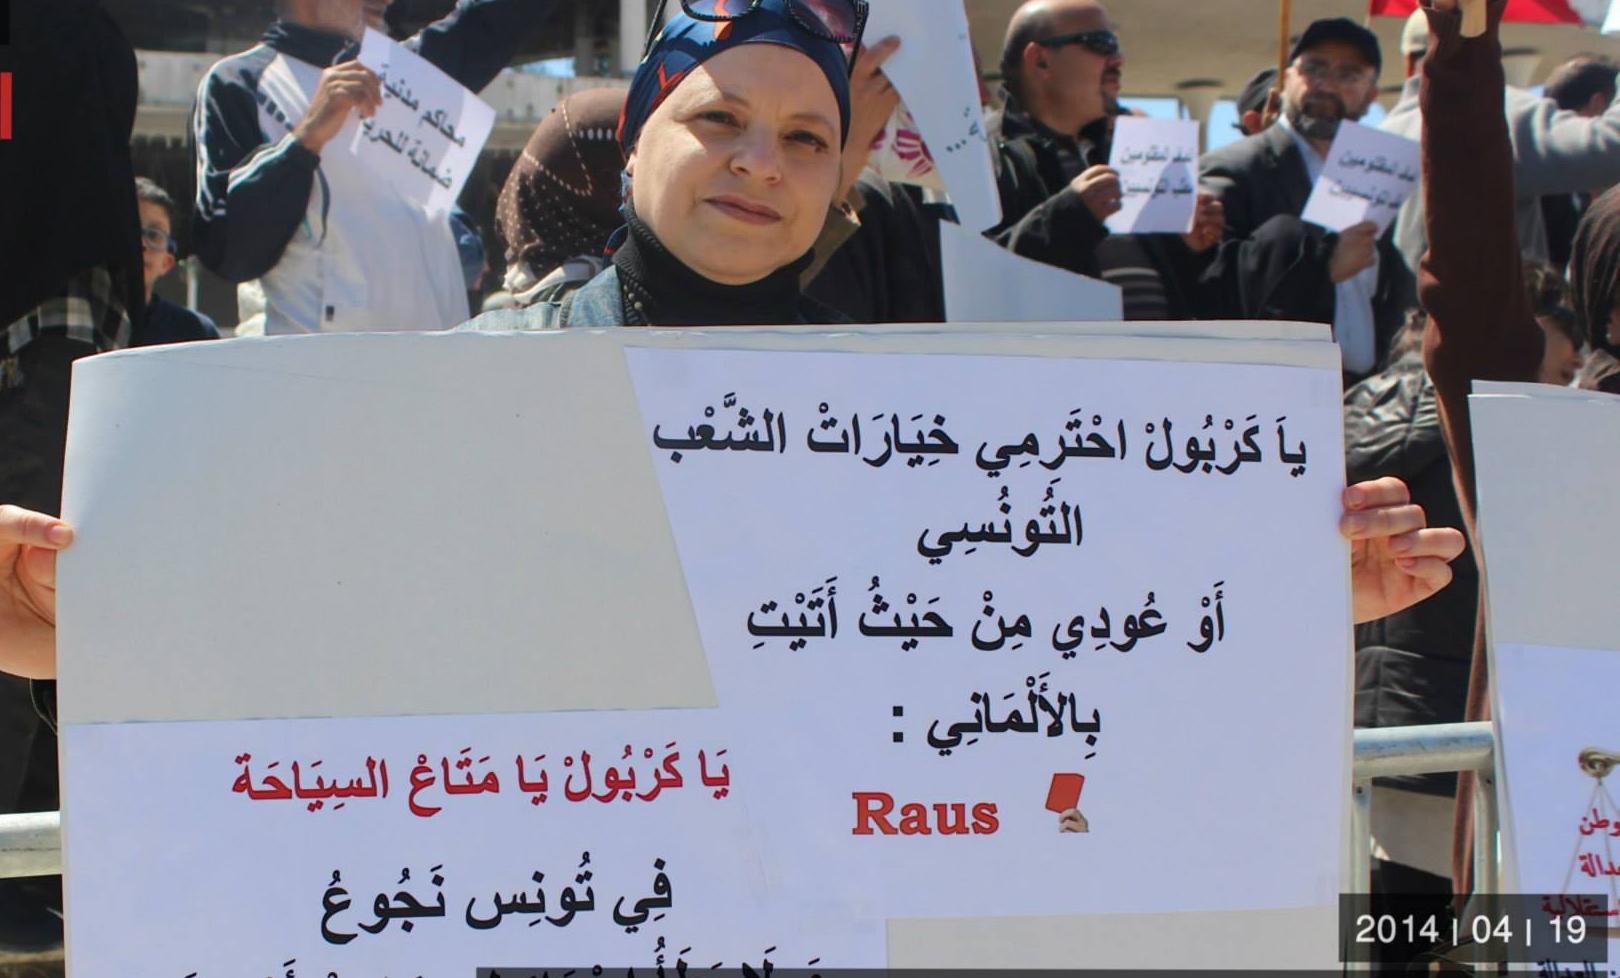 وقفة احاجية امام  المجلس التأسيسي ضد دخول صهاية إلى تونس